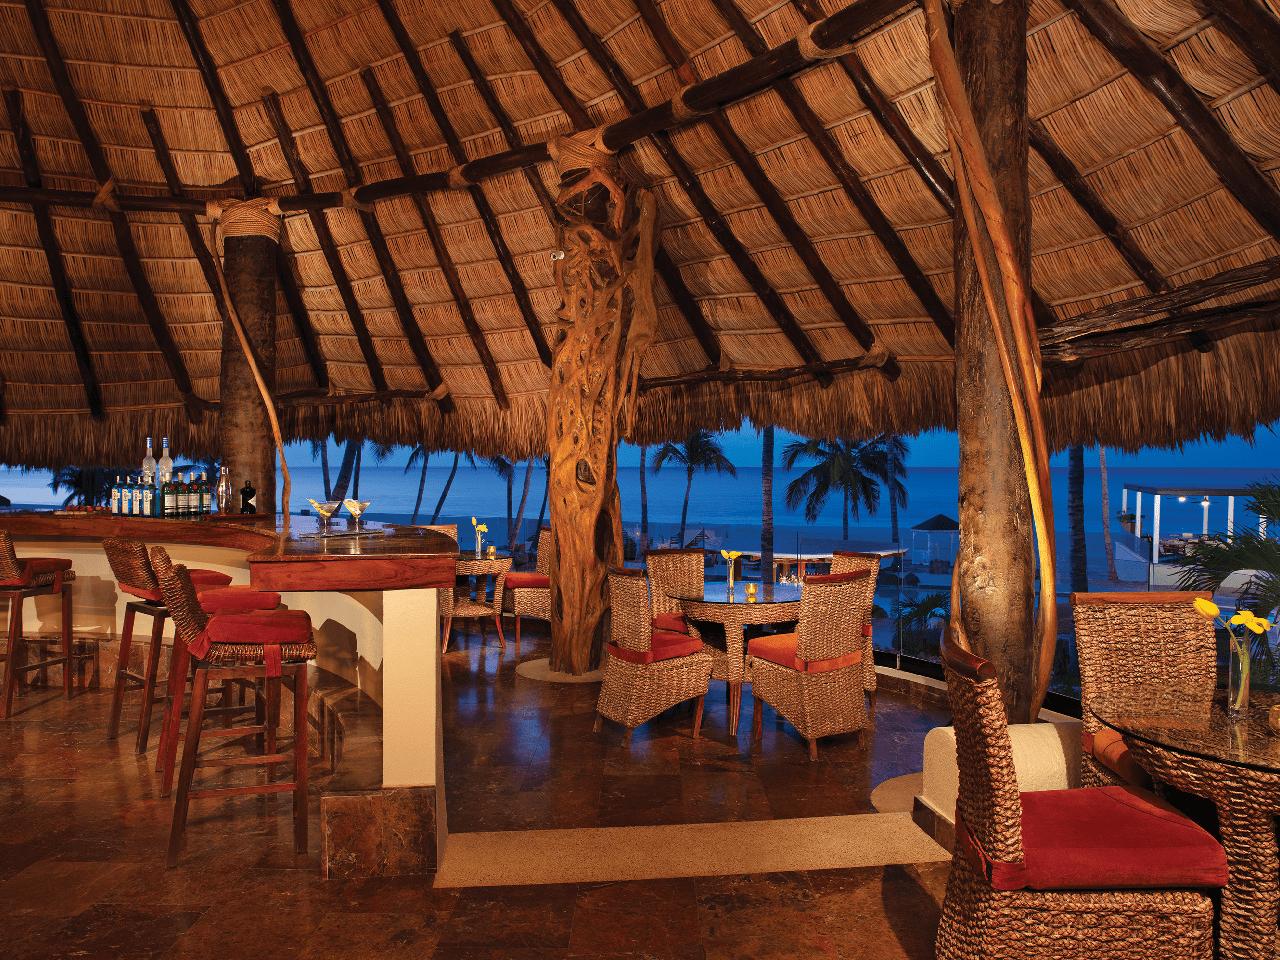 Bodas en la playa - restaurante vista a la playa